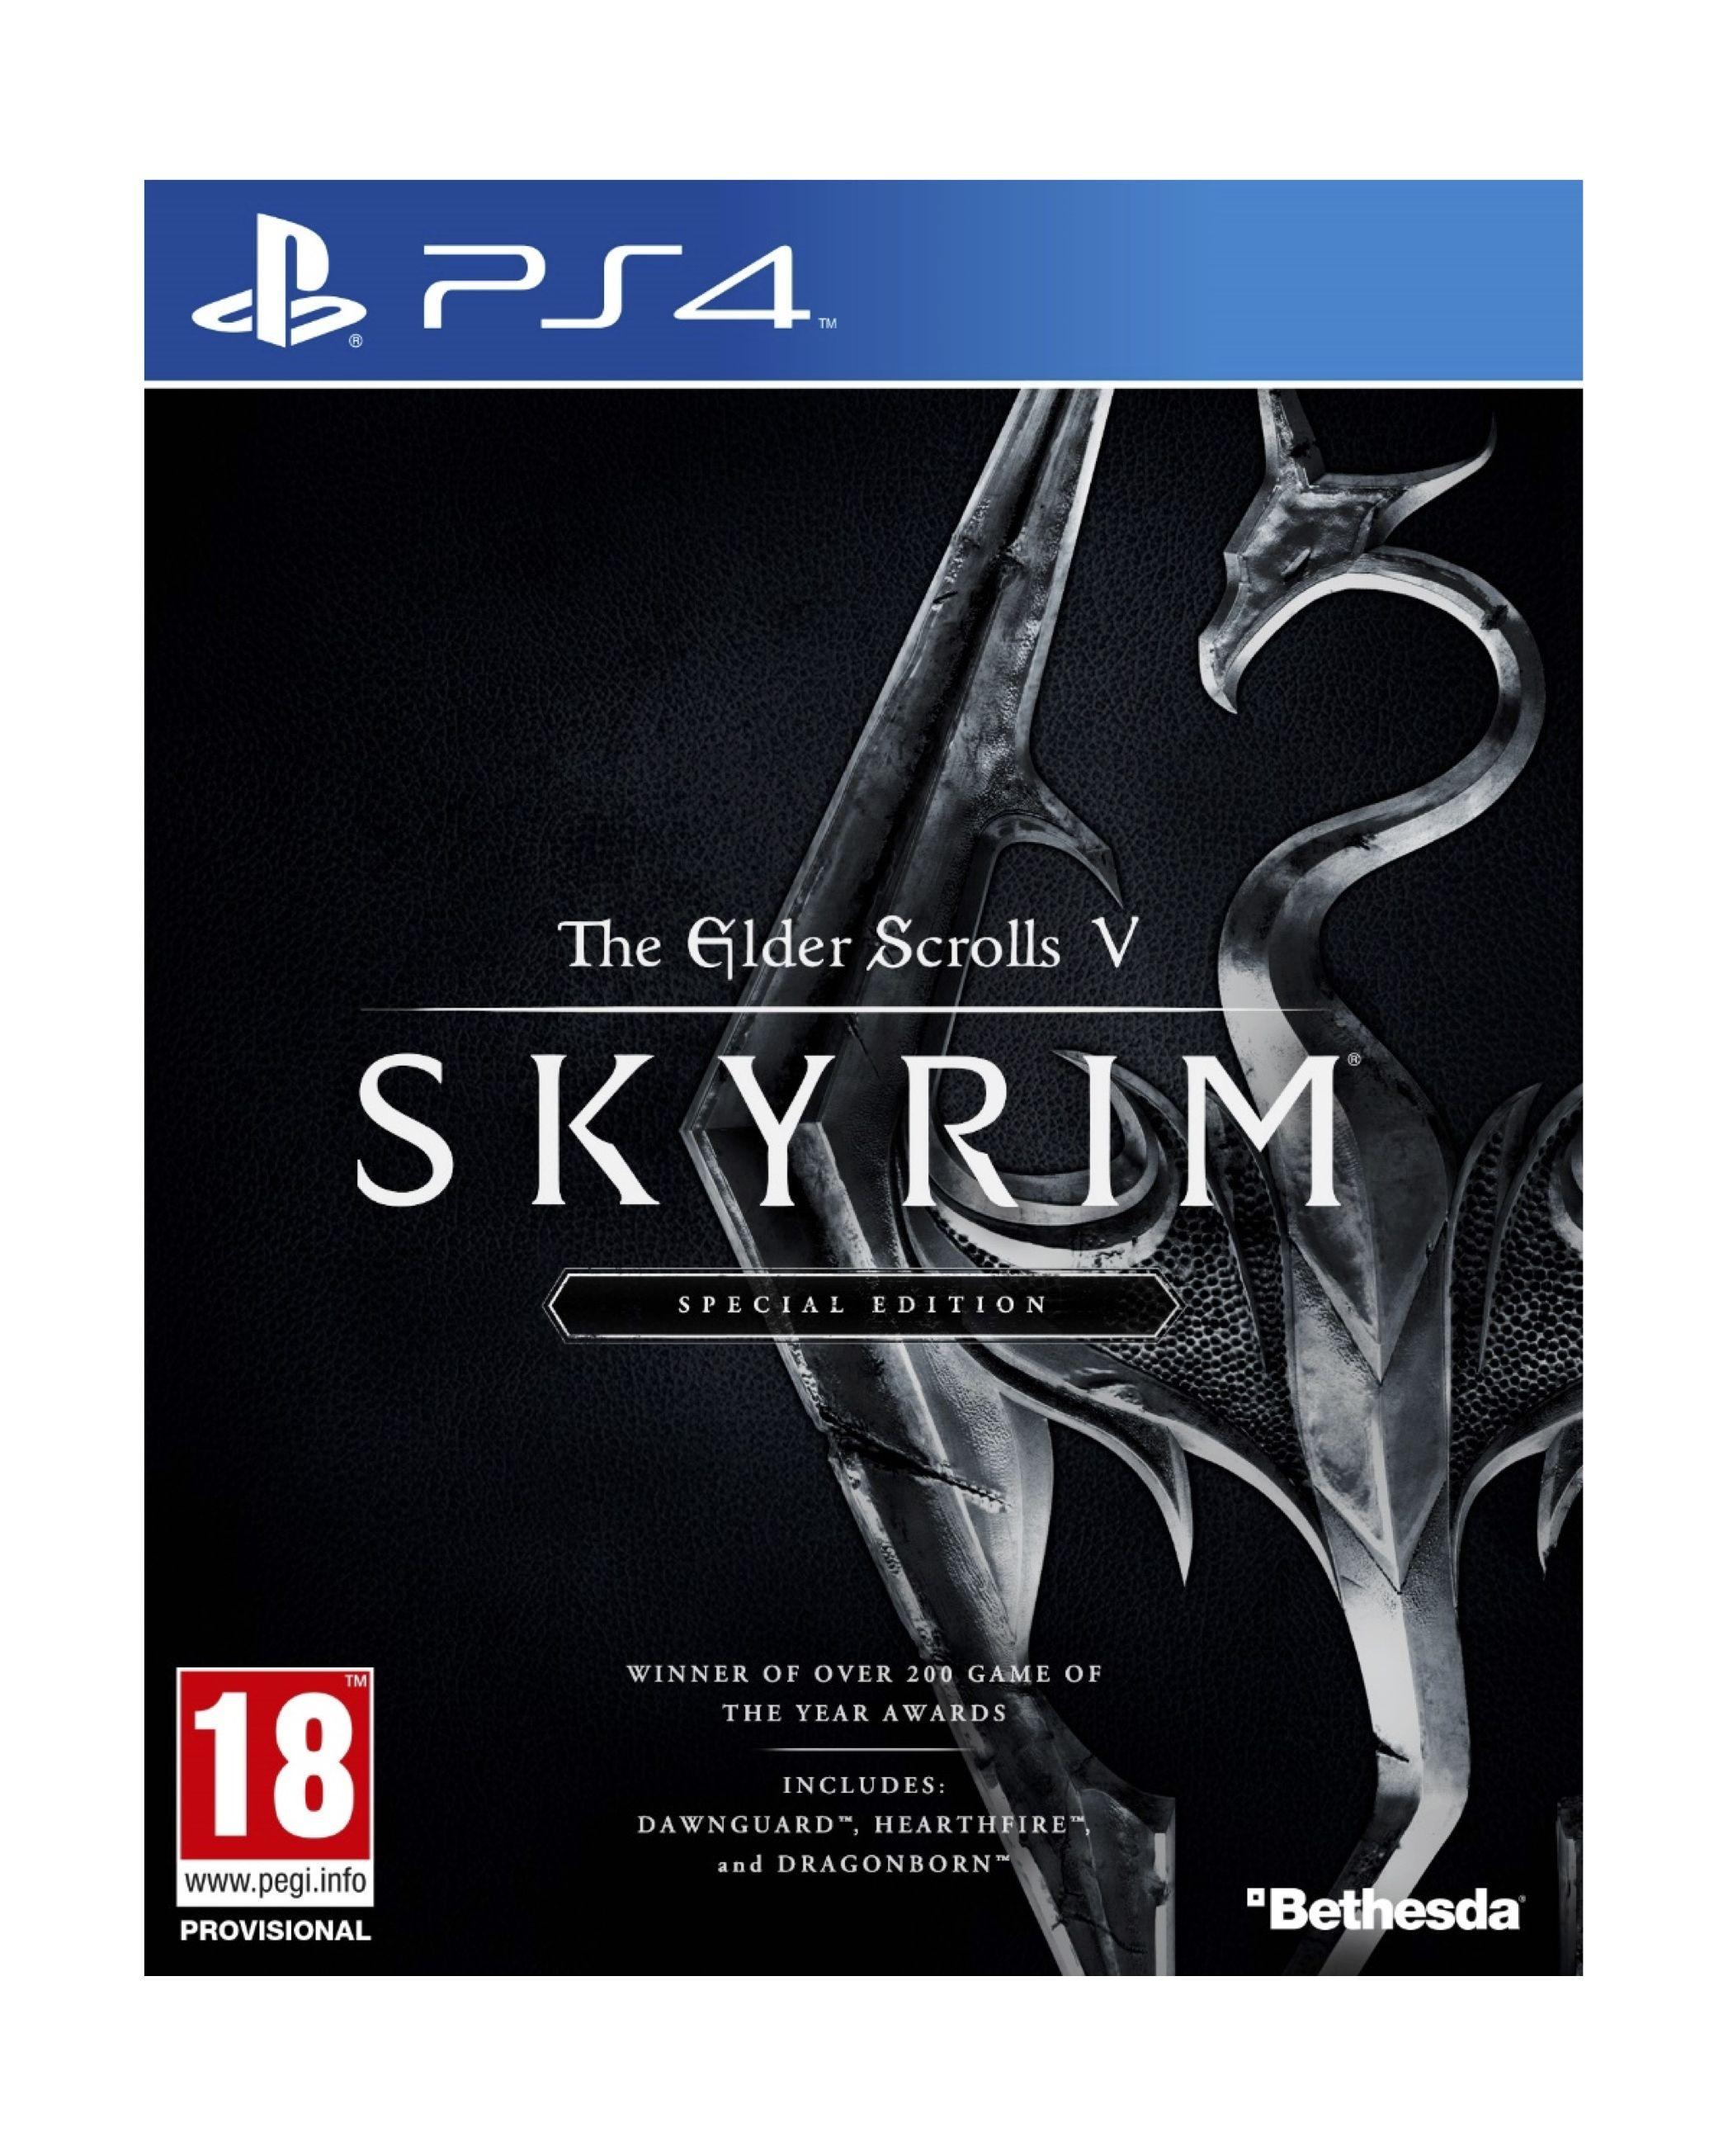 the elder scrolls v skyrim special edition ps4 game xcite alghanim electronics best. Black Bedroom Furniture Sets. Home Design Ideas